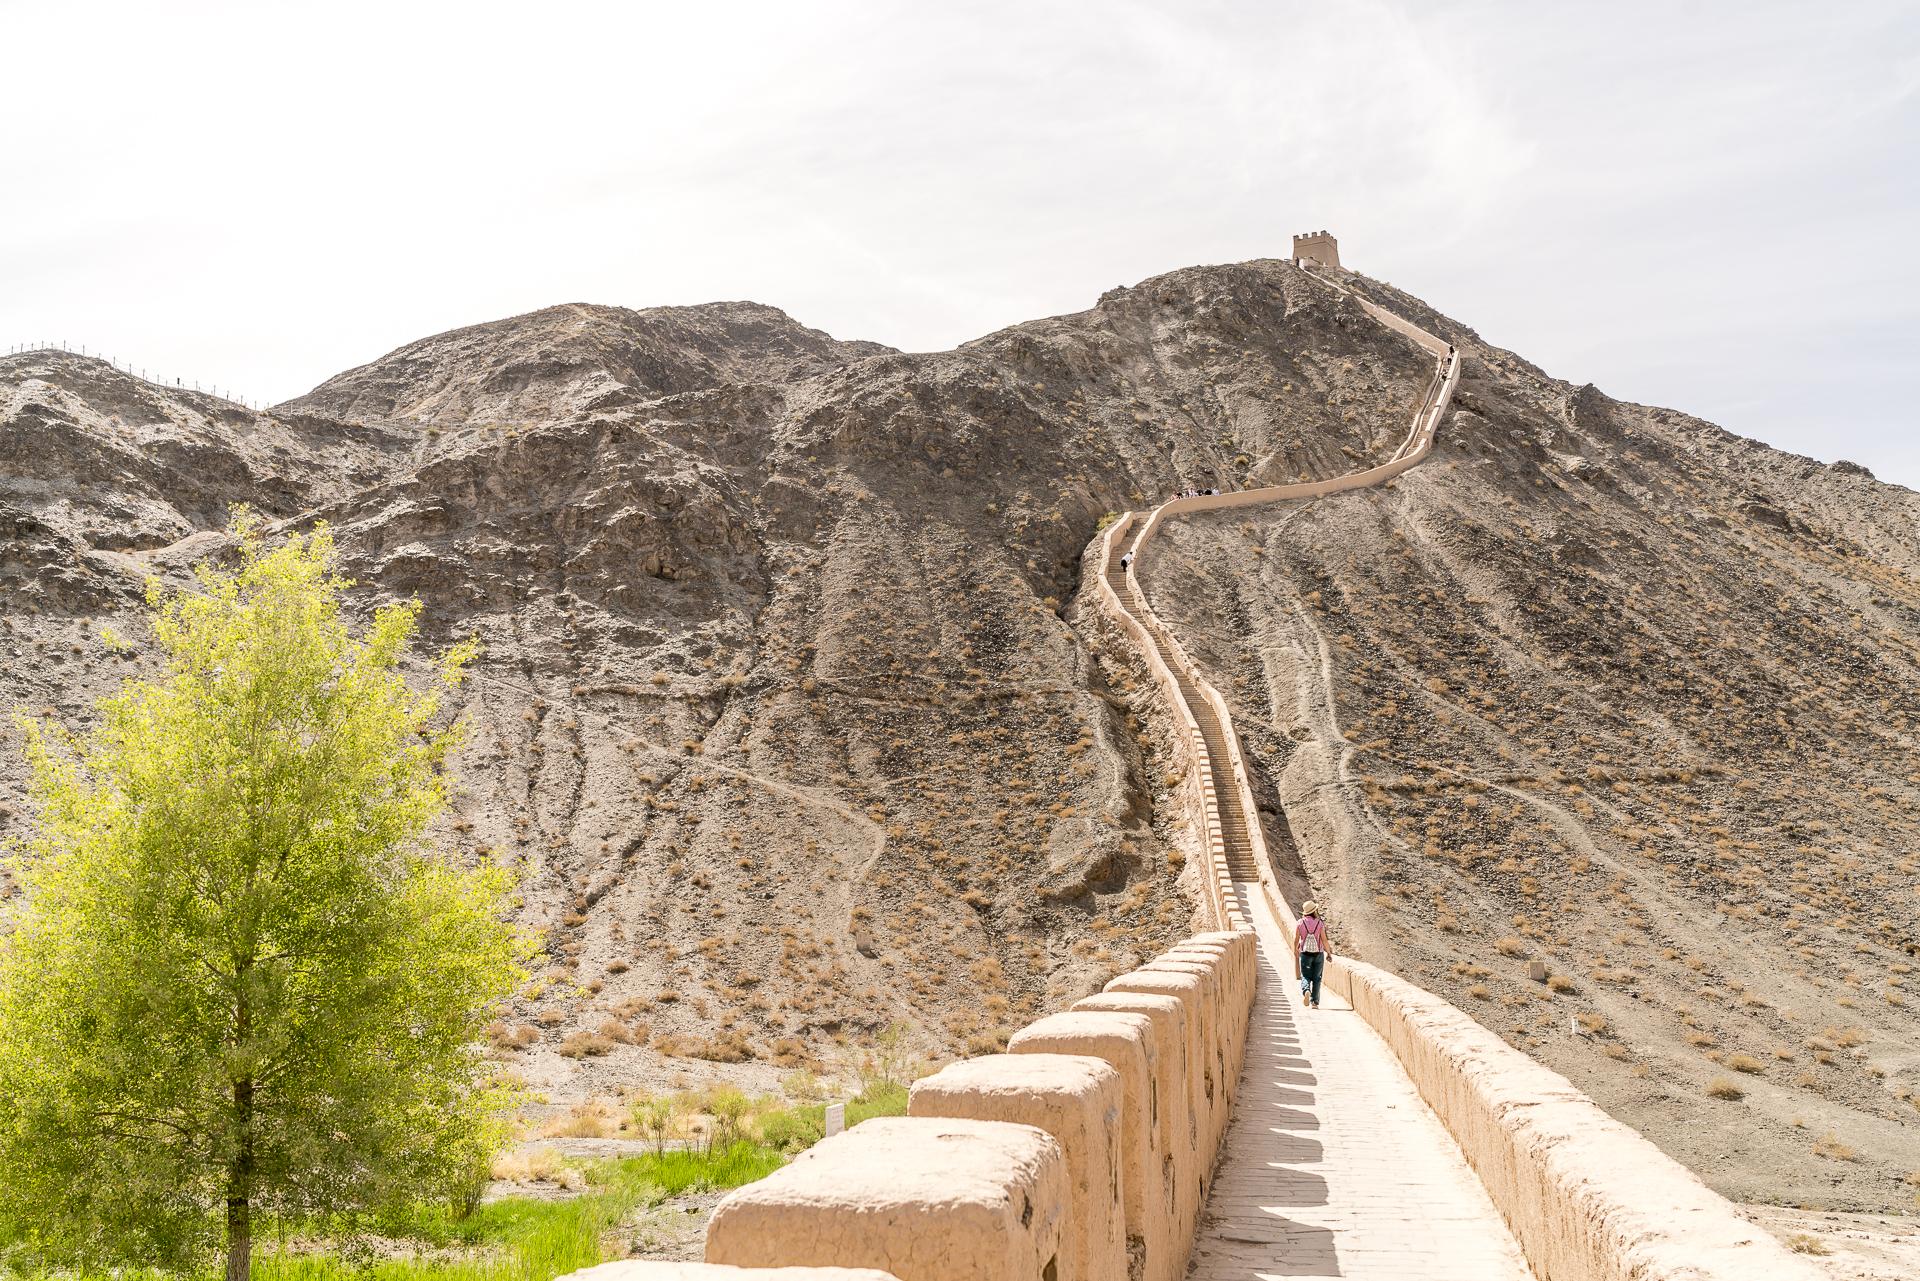 Jiayuhuan Great Wall